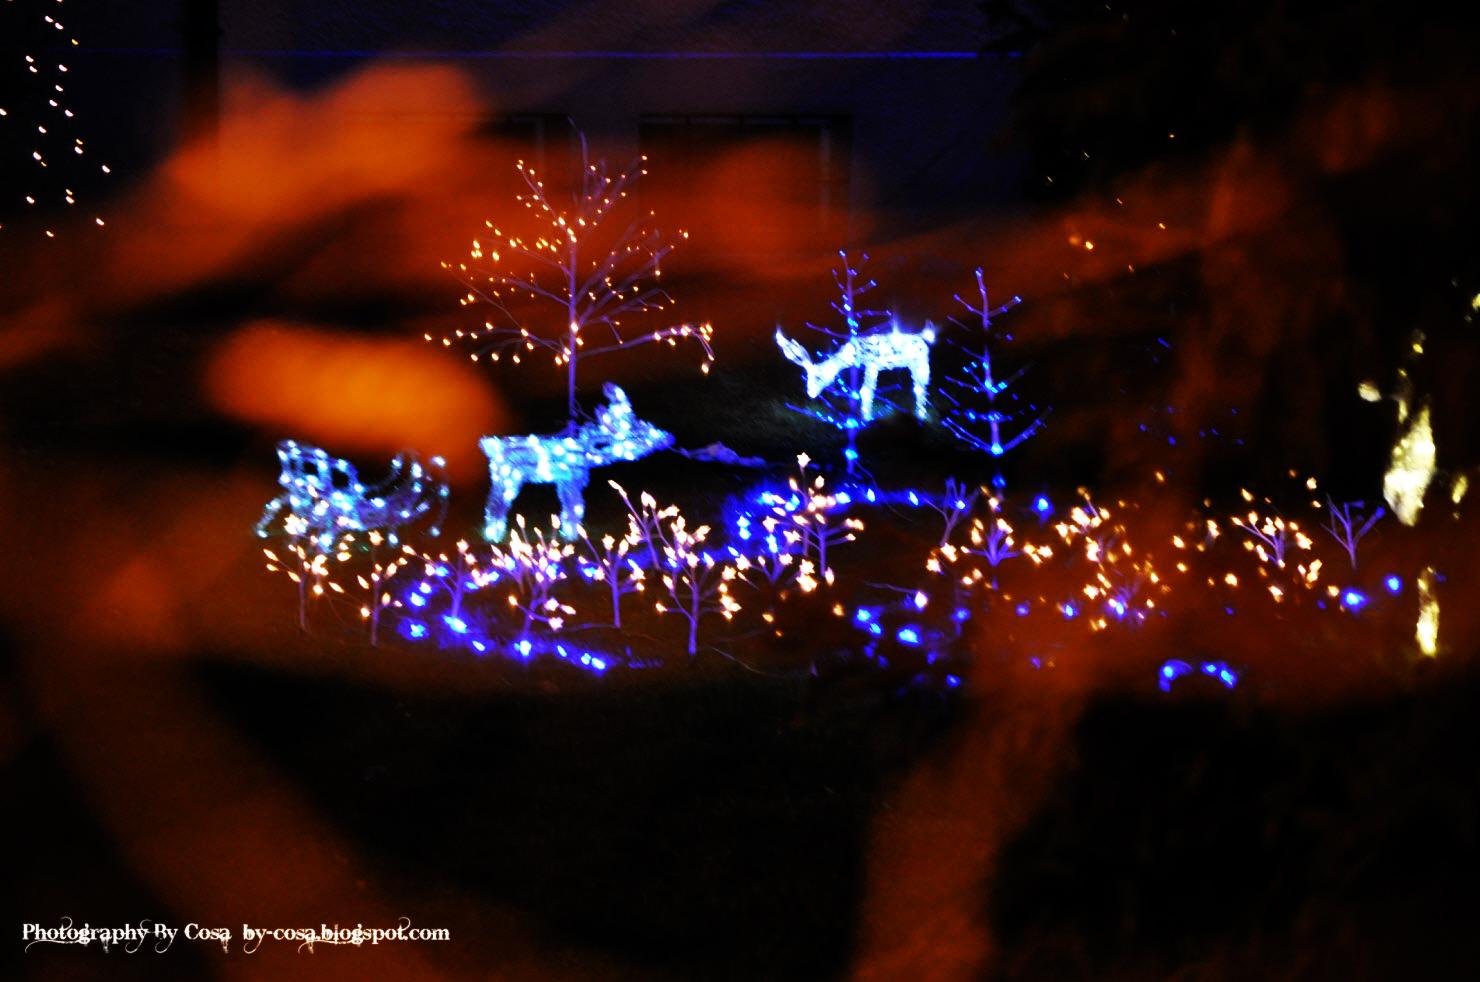 Weihnachten in Zürich: by-cosa-photography.blogspot.com/2011/12/weihnachten-in-zurich.html